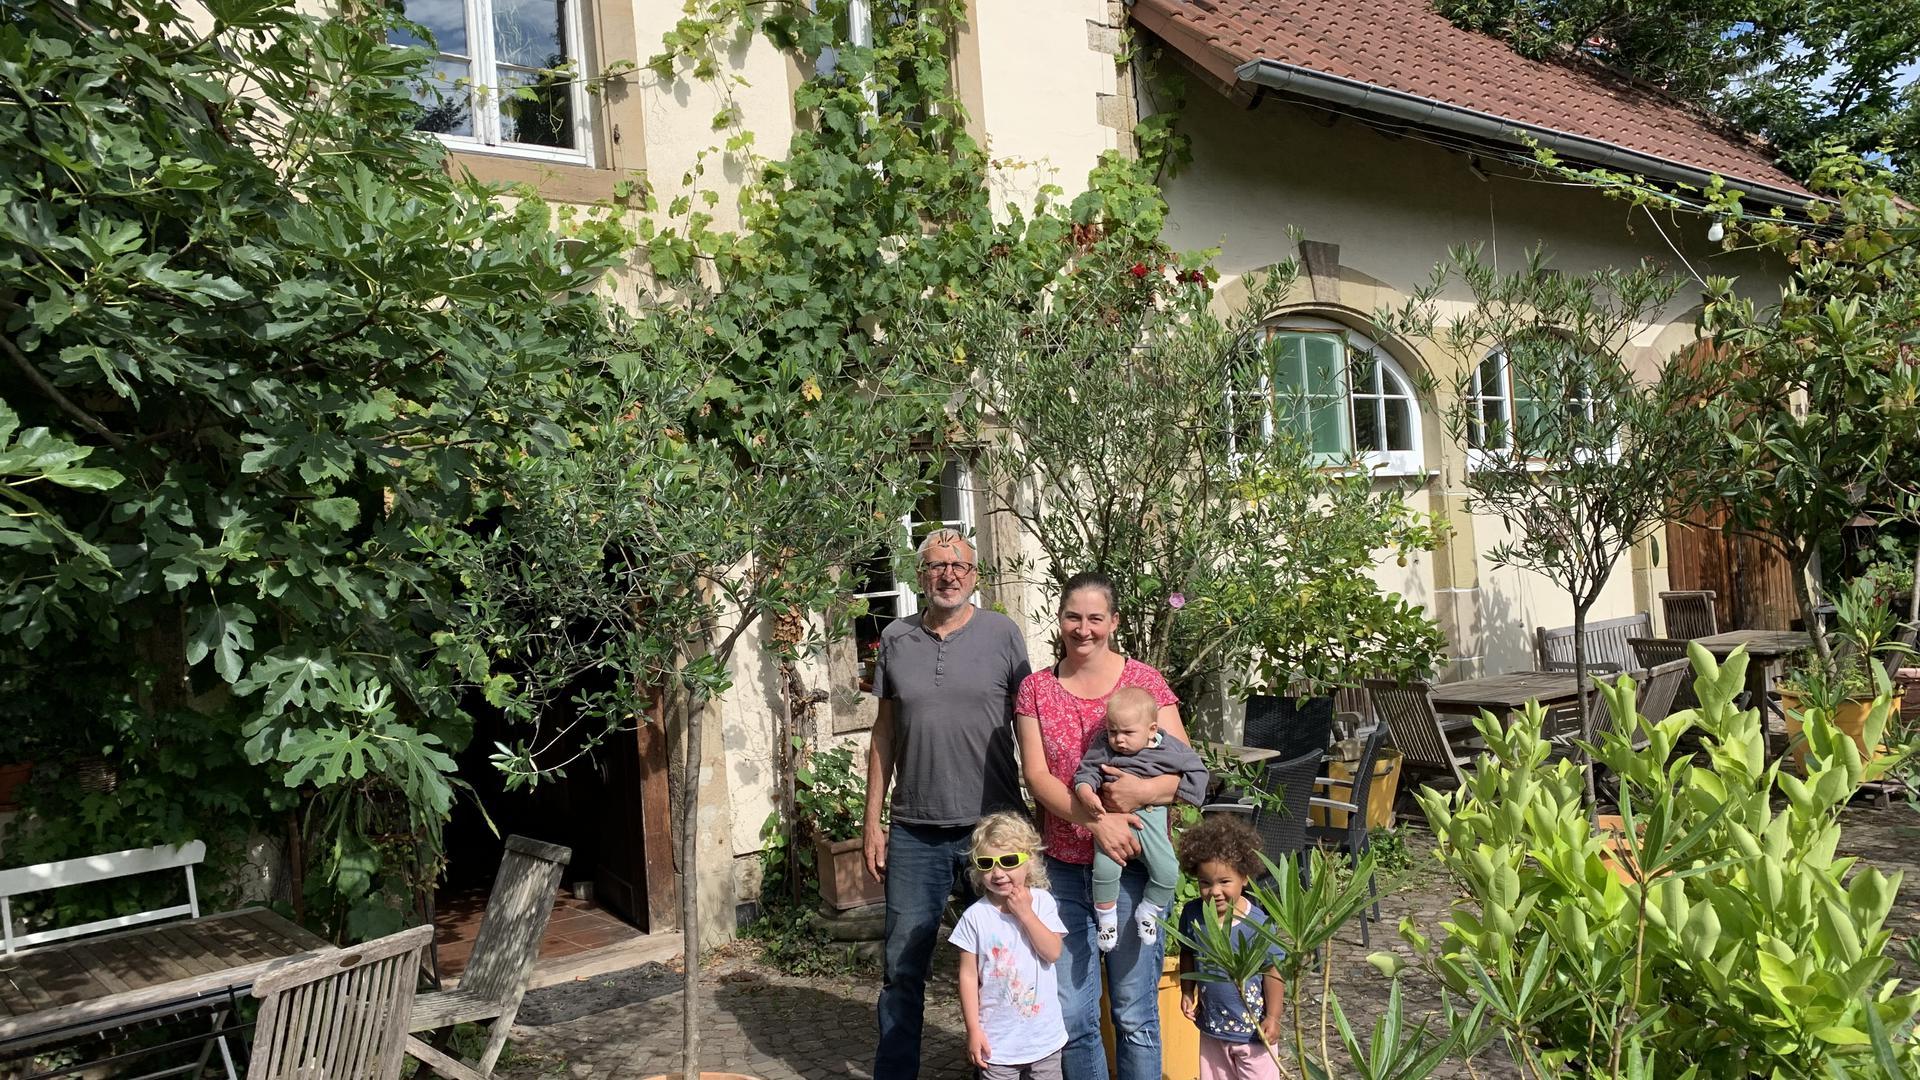 Lothar Blau & Lena Blau (Eigentümerin Besenwirtschaft), sowie die Kinder von Lena Blau